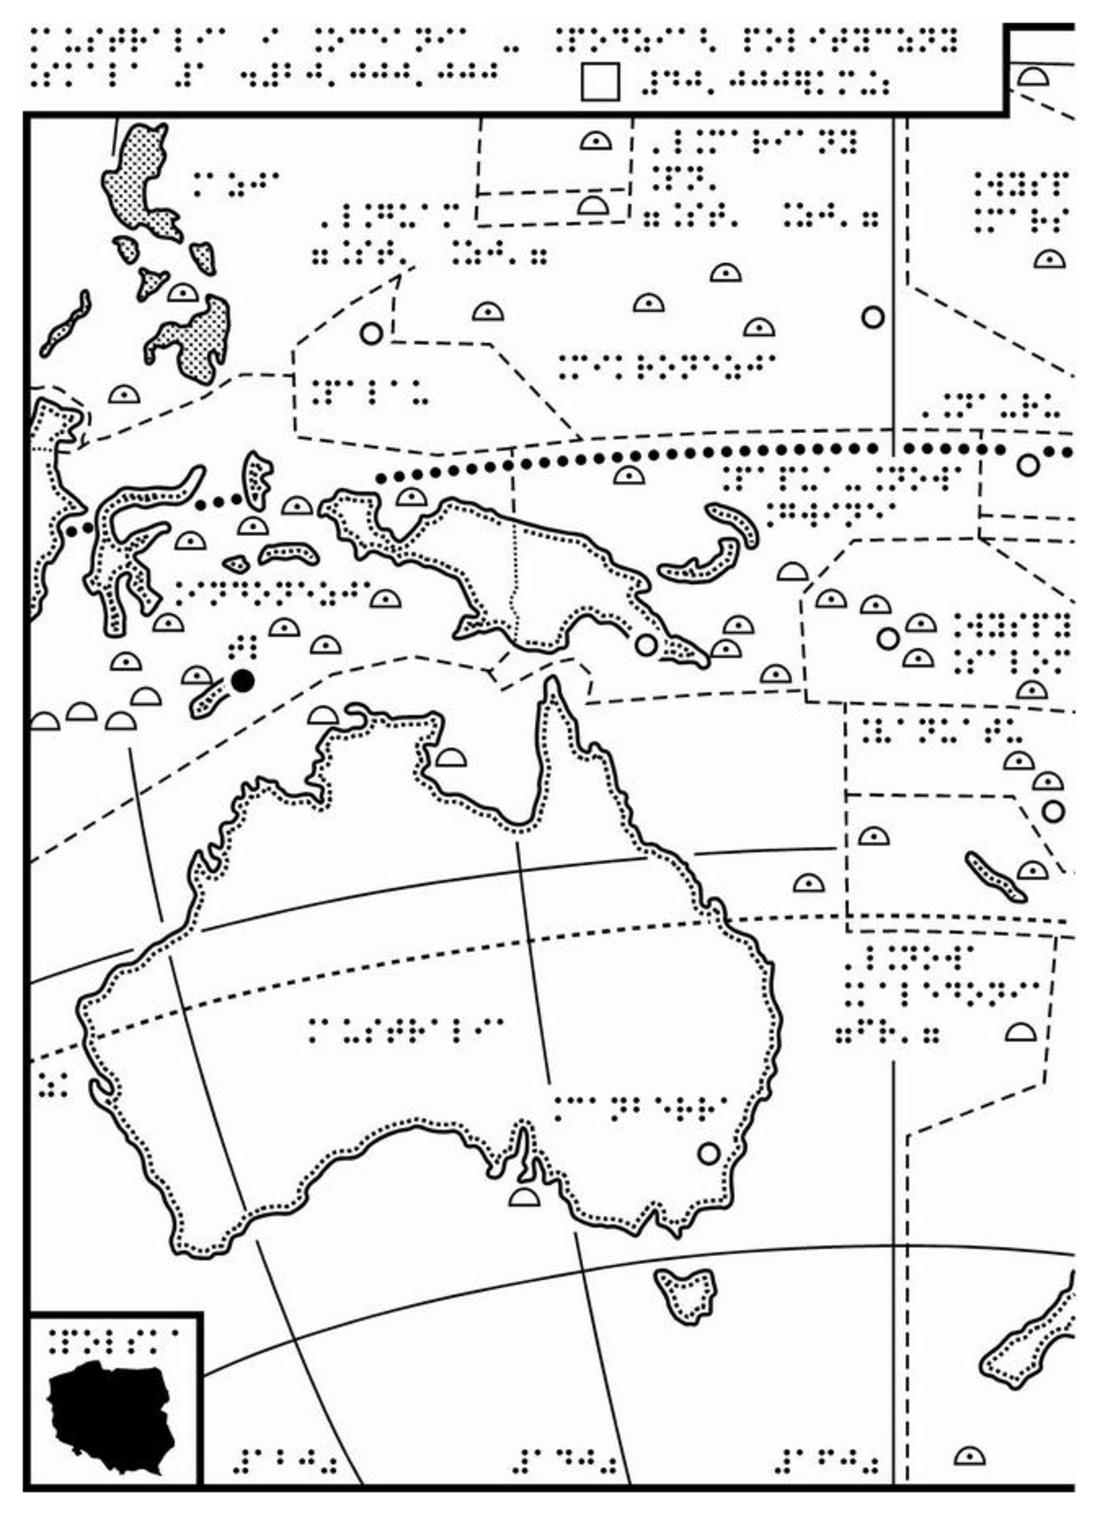 Polityczna Mapa Australia Oceania Za Darmo Dla Smartfonow